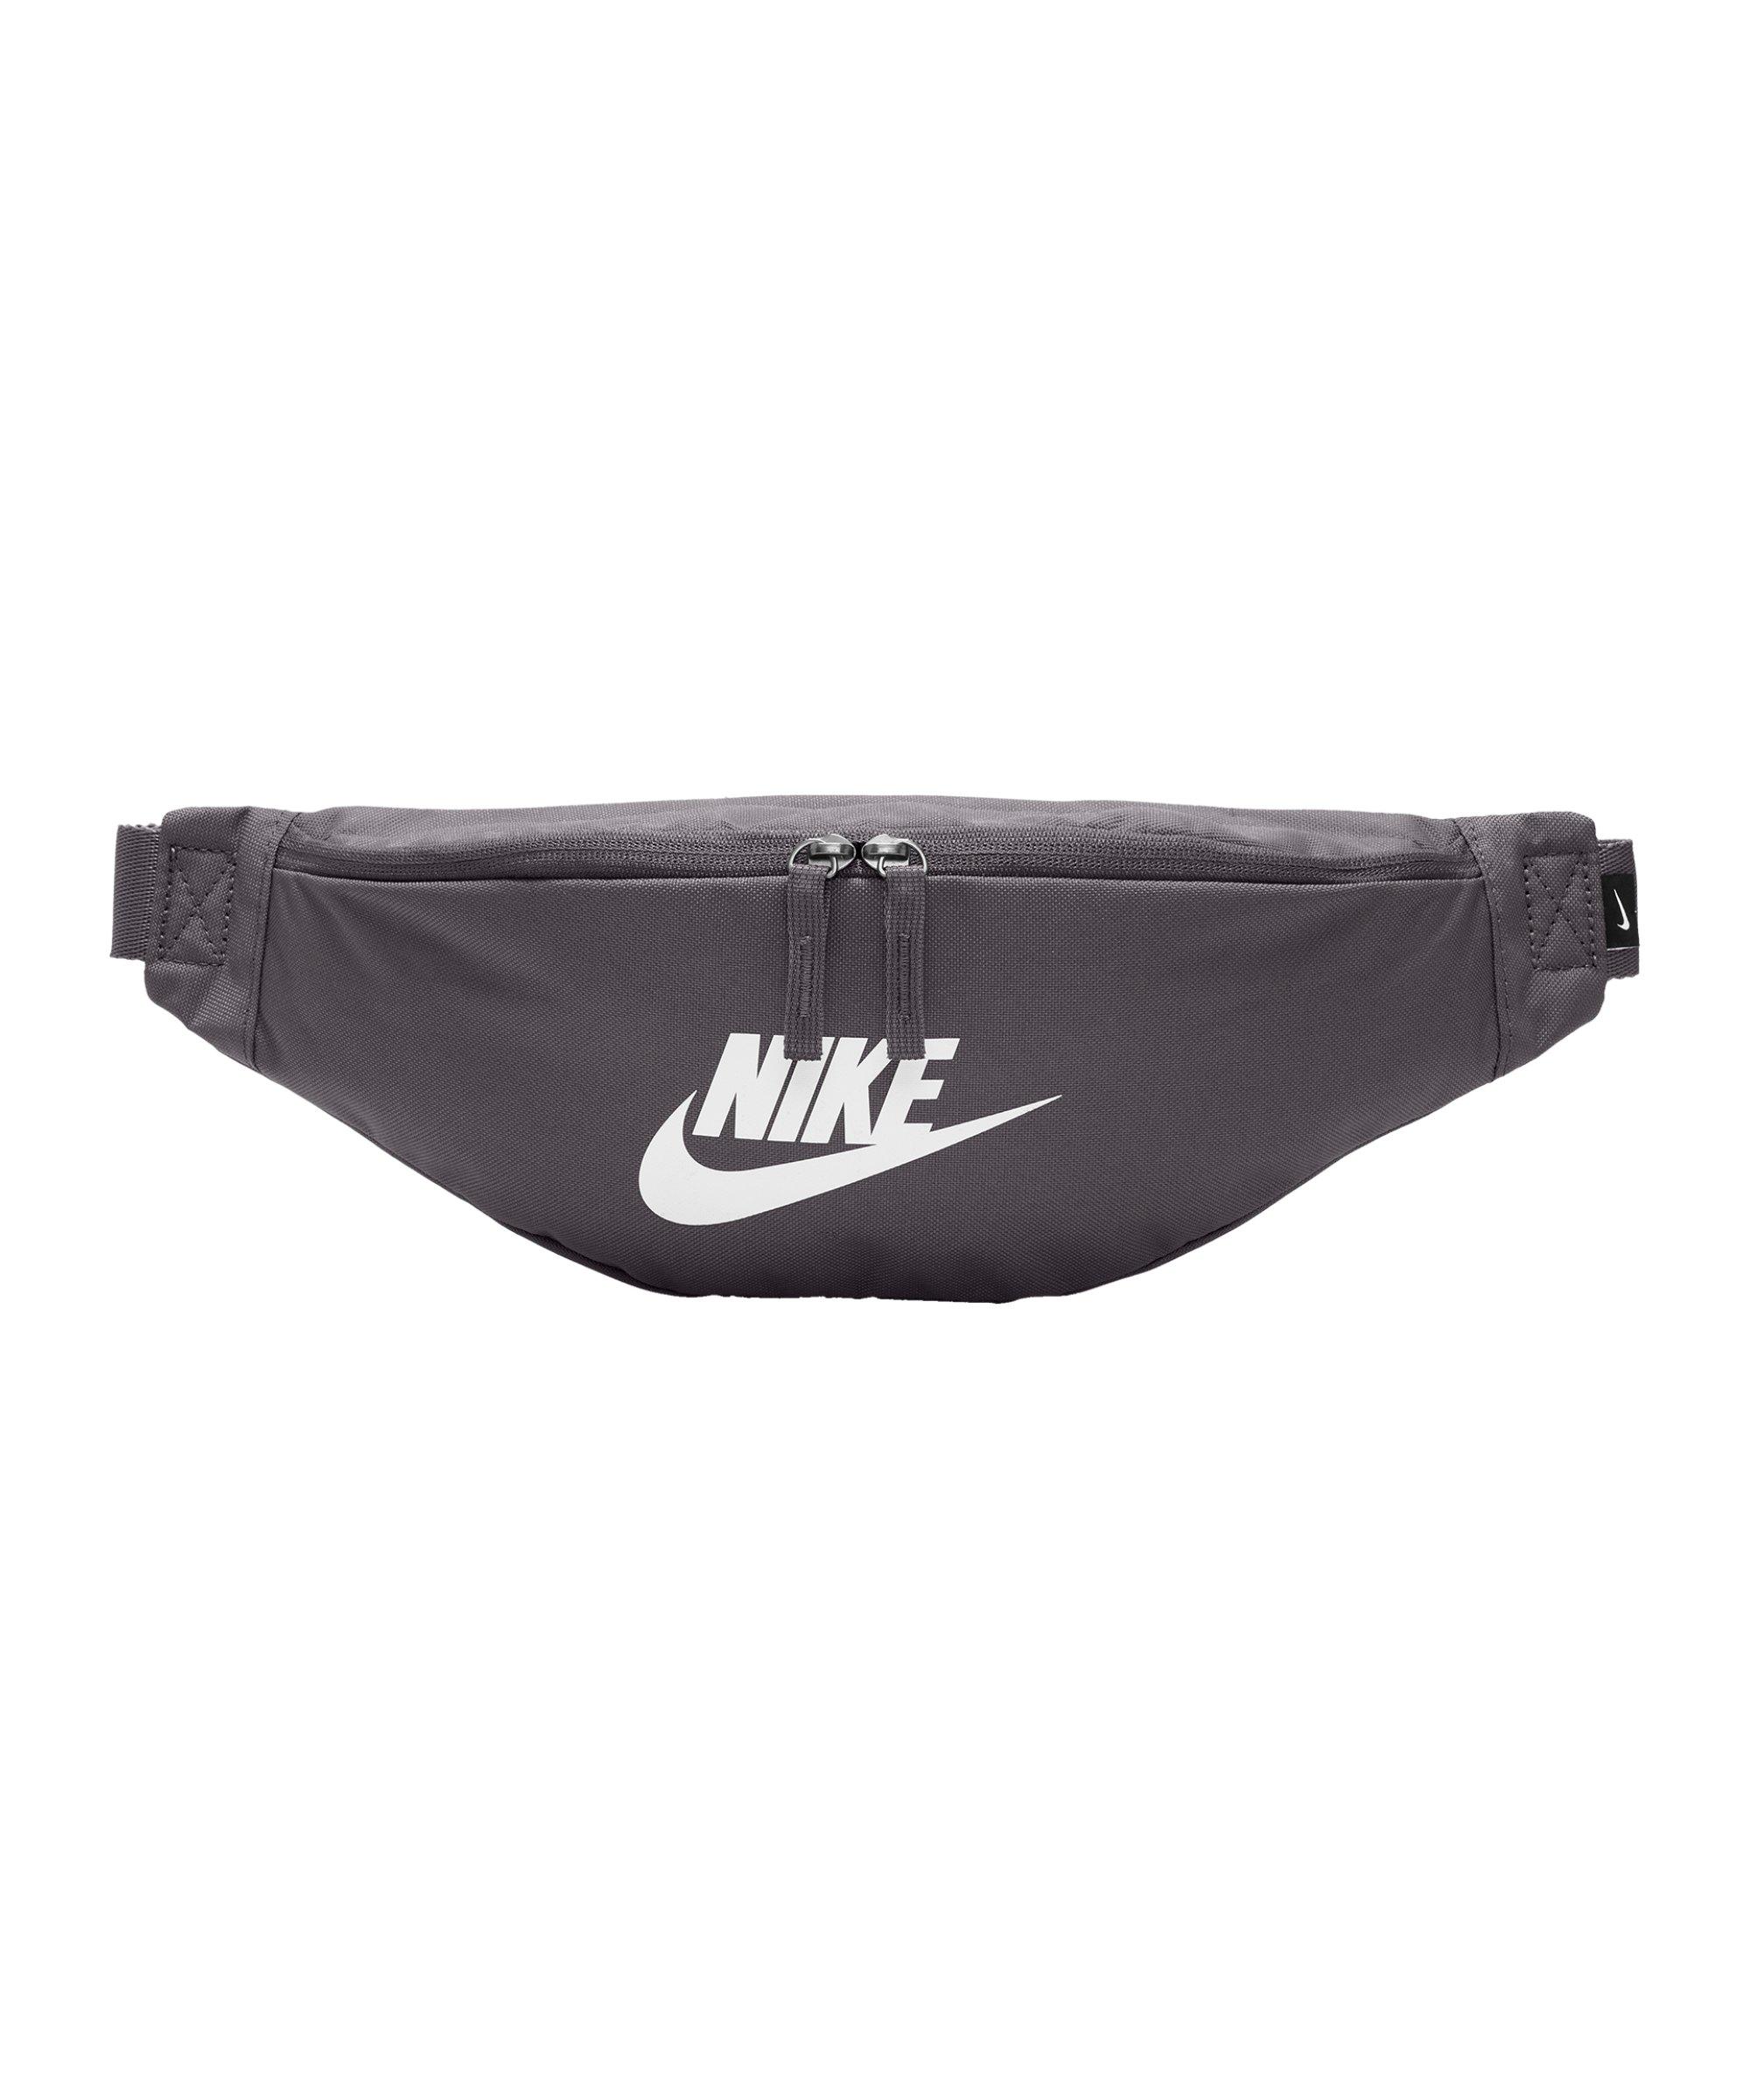 Nike Heritage Hip Pack Grau F082 - grau